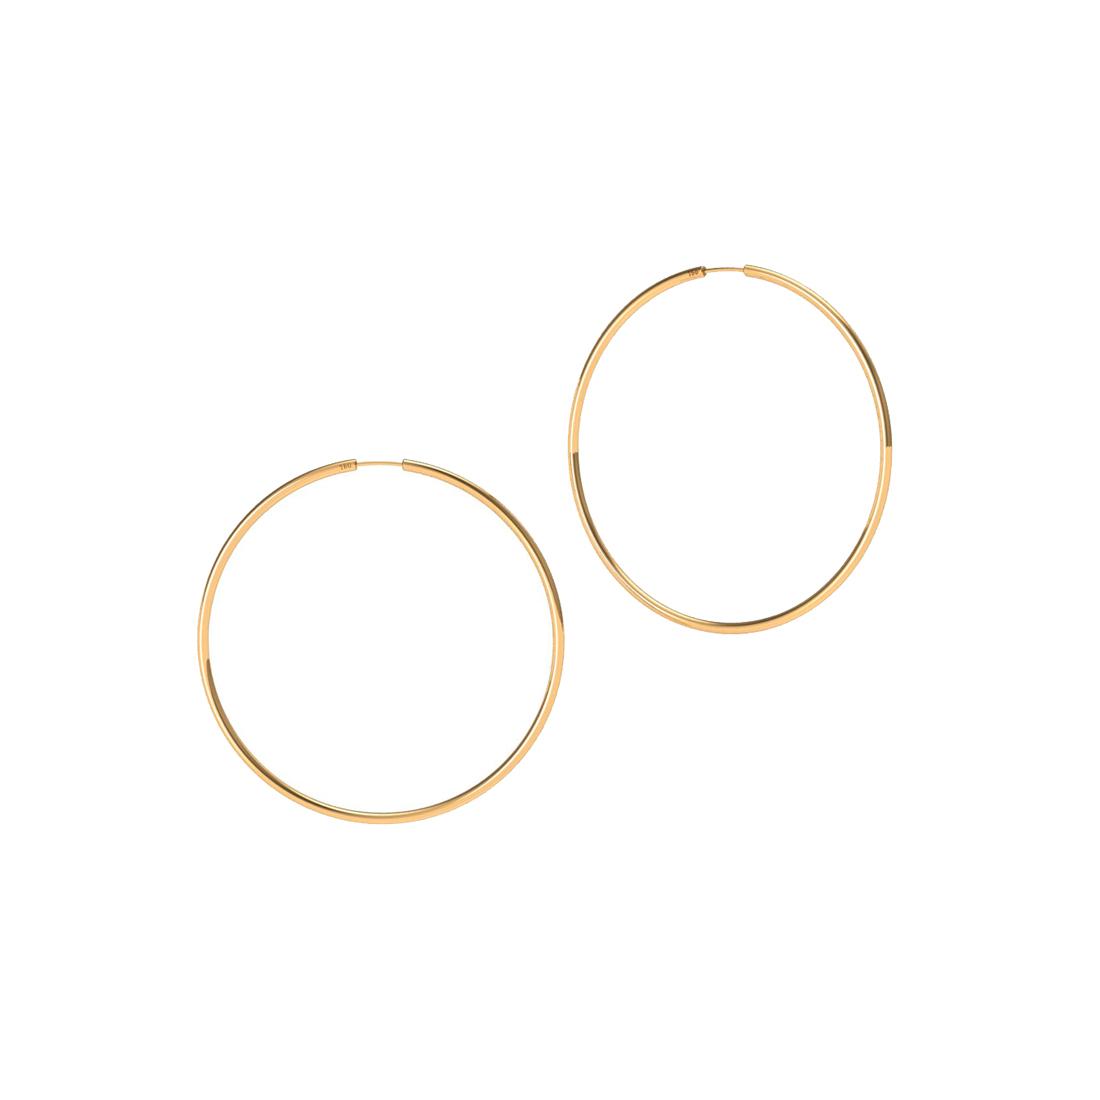 Brinco Argola 25 Milímetros Fio Redondo Unissex Ouro 18K K110 03526